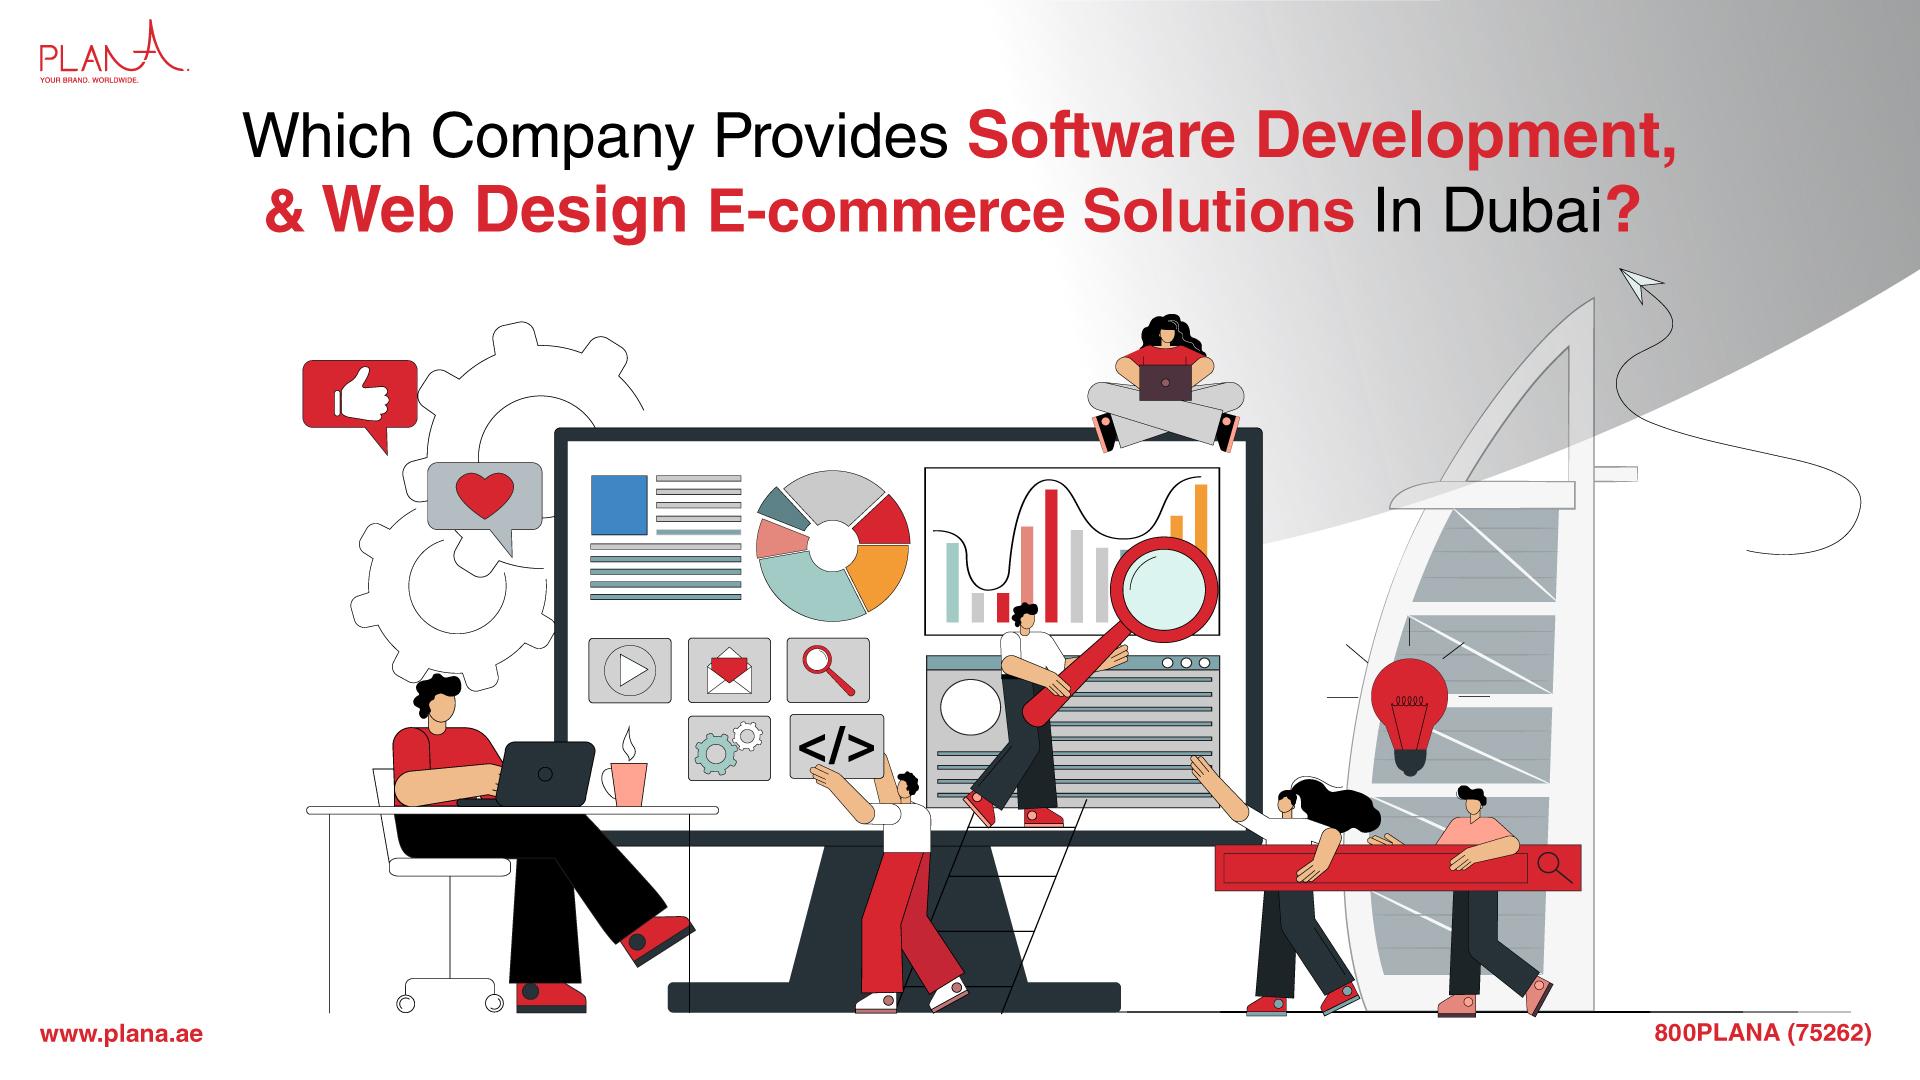 Which Company in Dubai Provides Software Development Services, Web Design Services & E-Commerce Solutions?